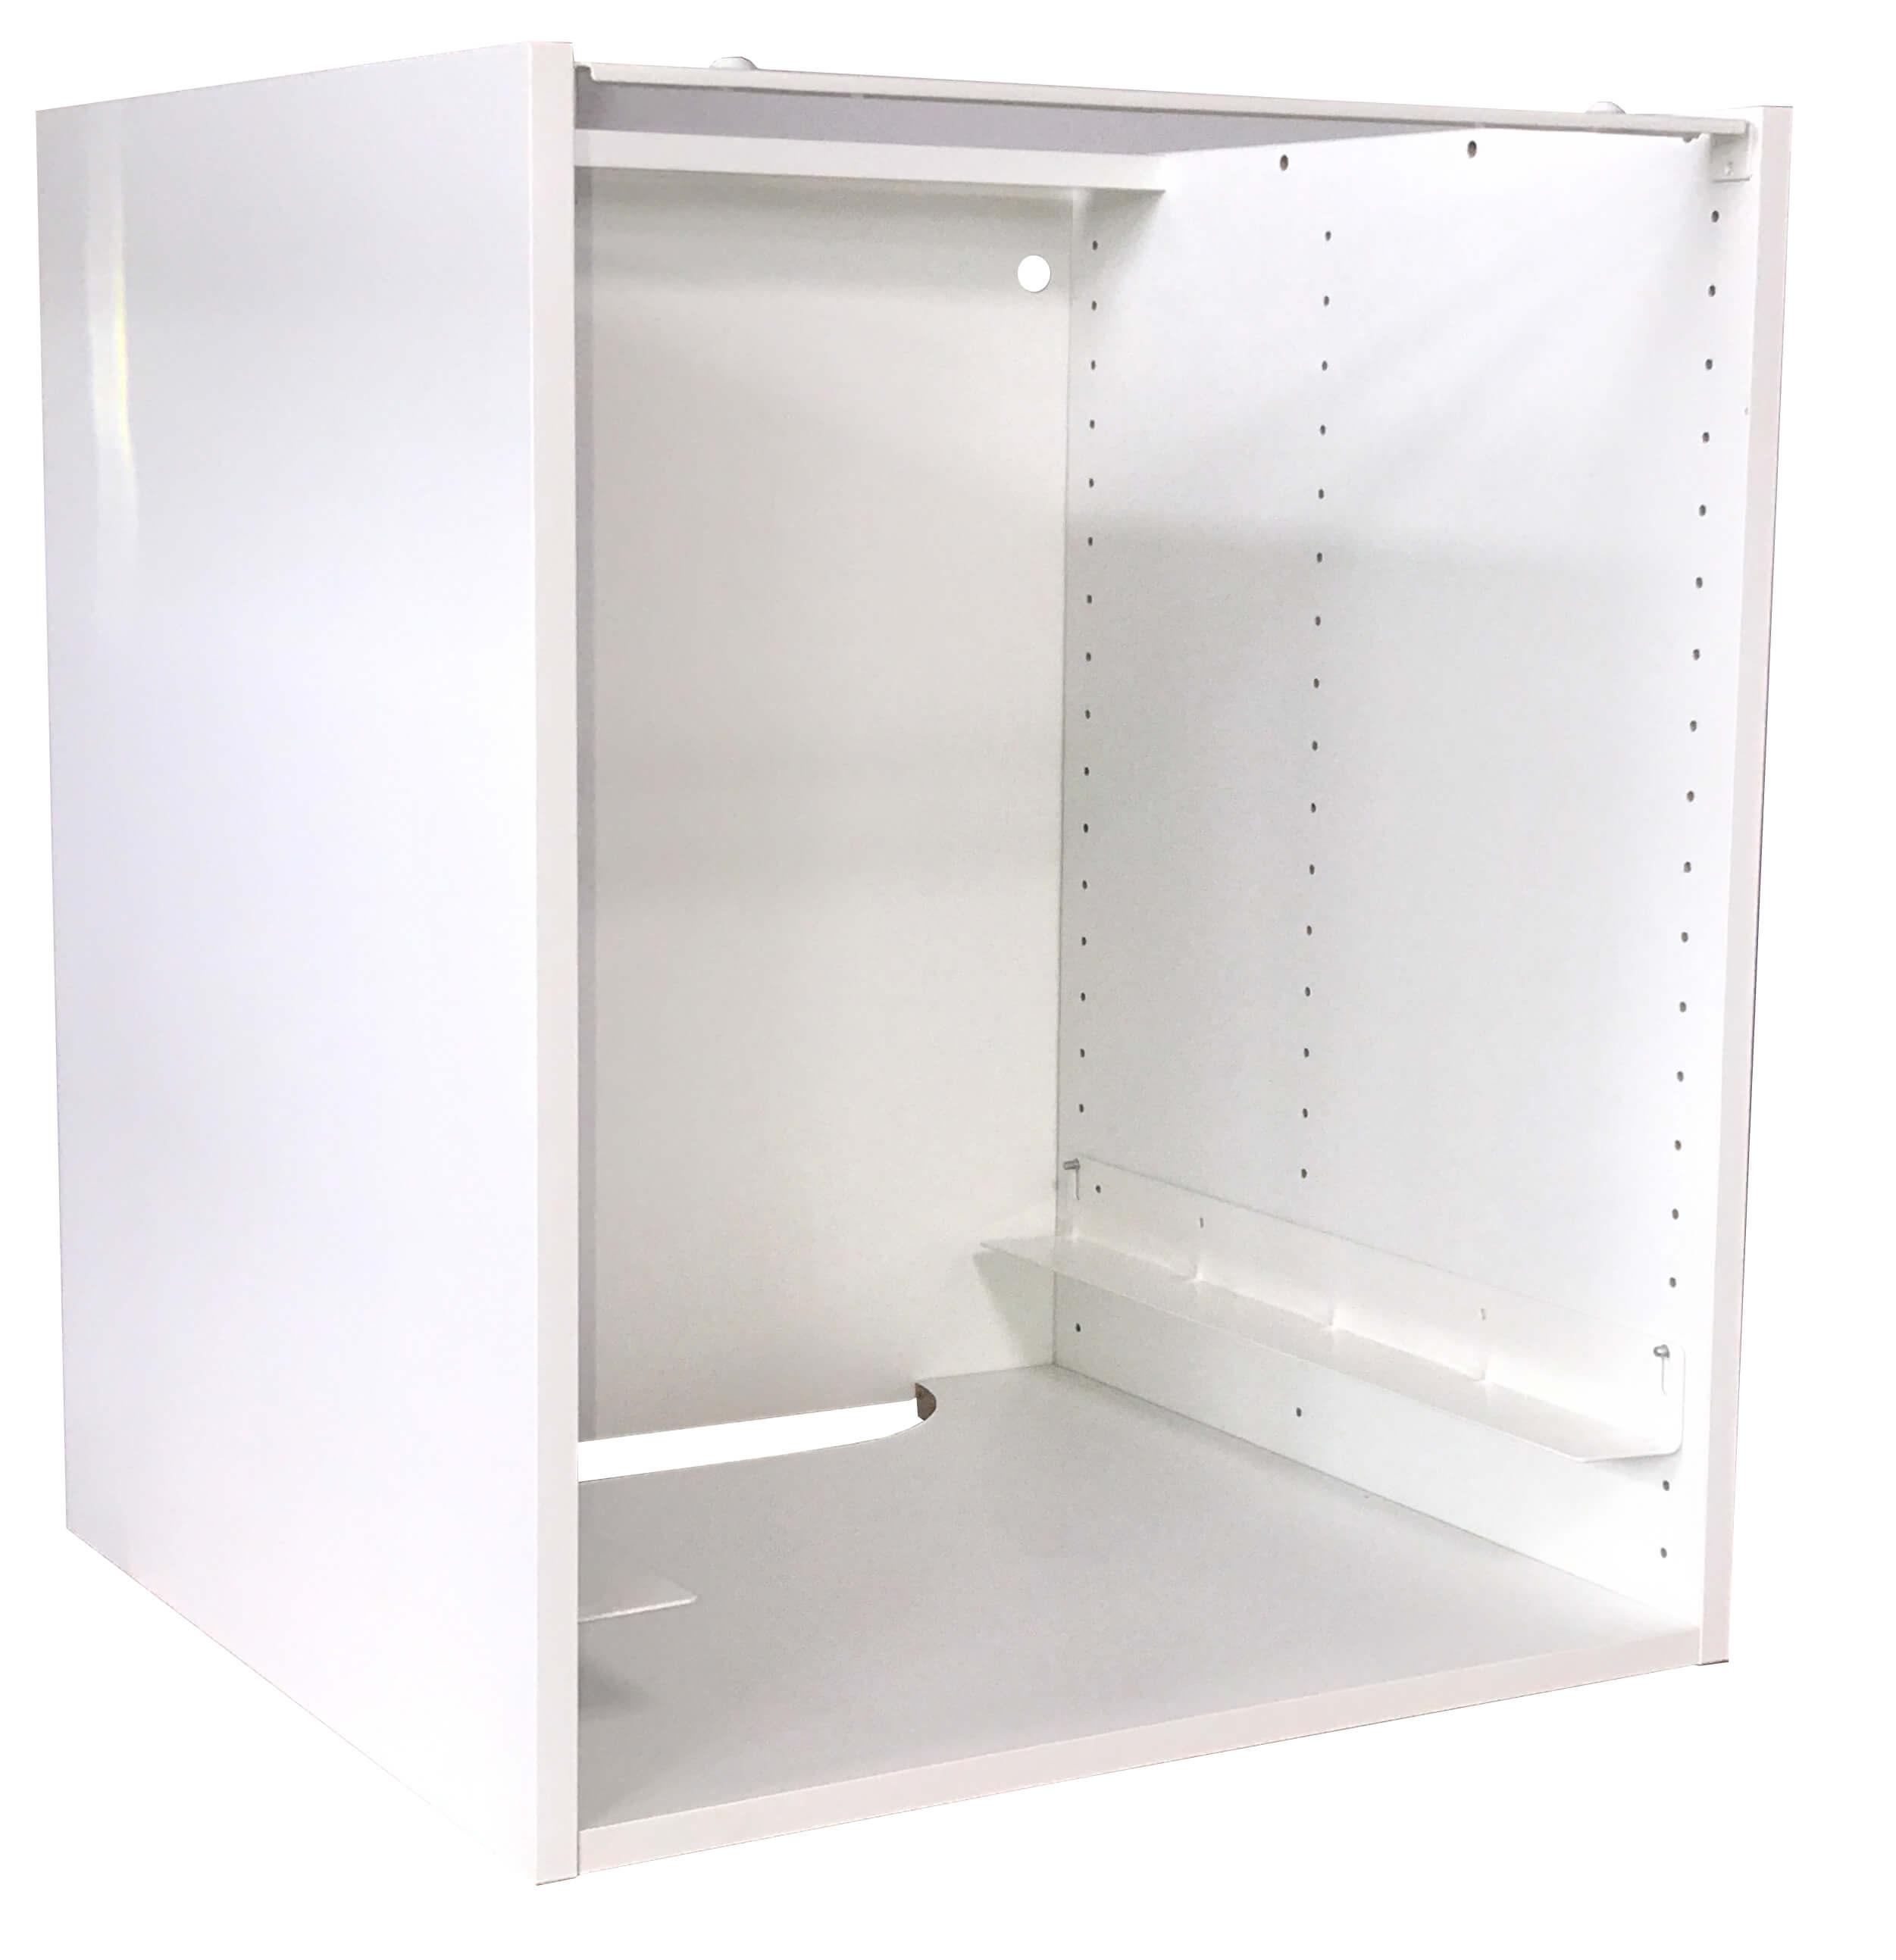 IKEA FAKTUM Unterschrank für Backofen 60x70cm 001.023.72-00102372